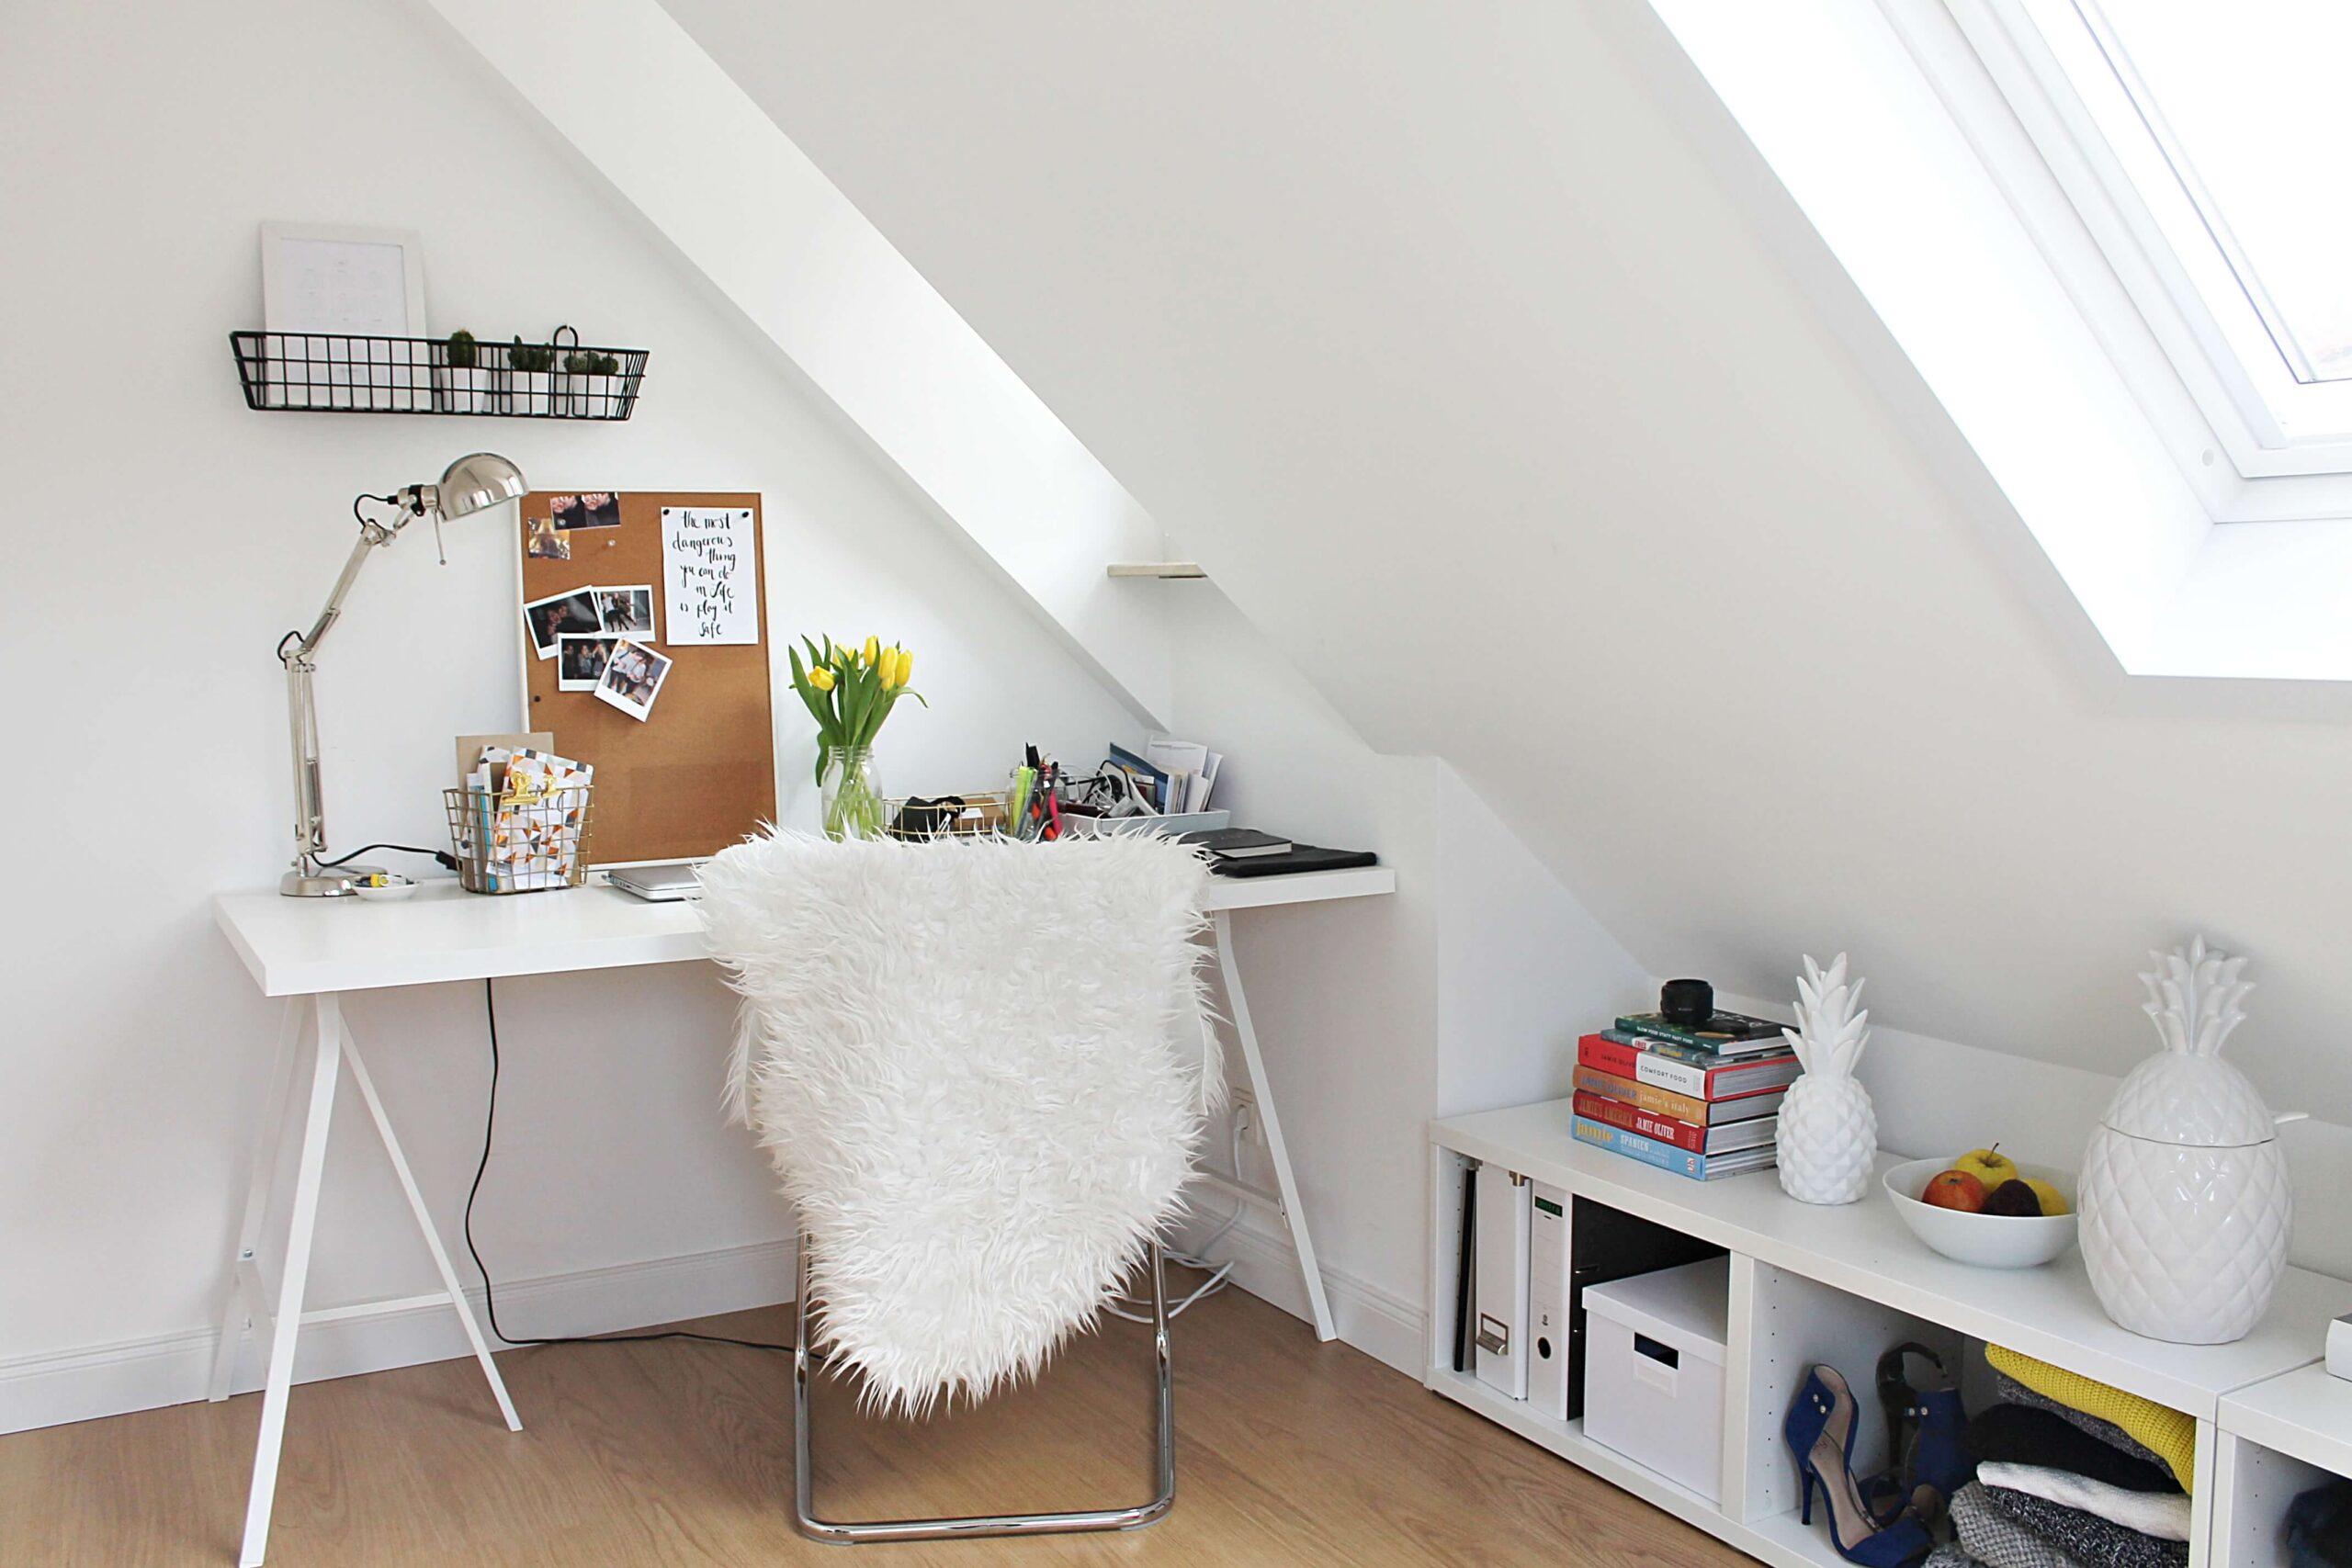 Full Size of Dachschräge Schrank Ikea Room Tour Wg Zimmer Mbel Deko Fithealthydi Badezimmer Hängeschrank Oberschrank Küche Eckschrank Bad Weiß Hochglanz Eckunterschrank Wohnzimmer Dachschräge Schrank Ikea